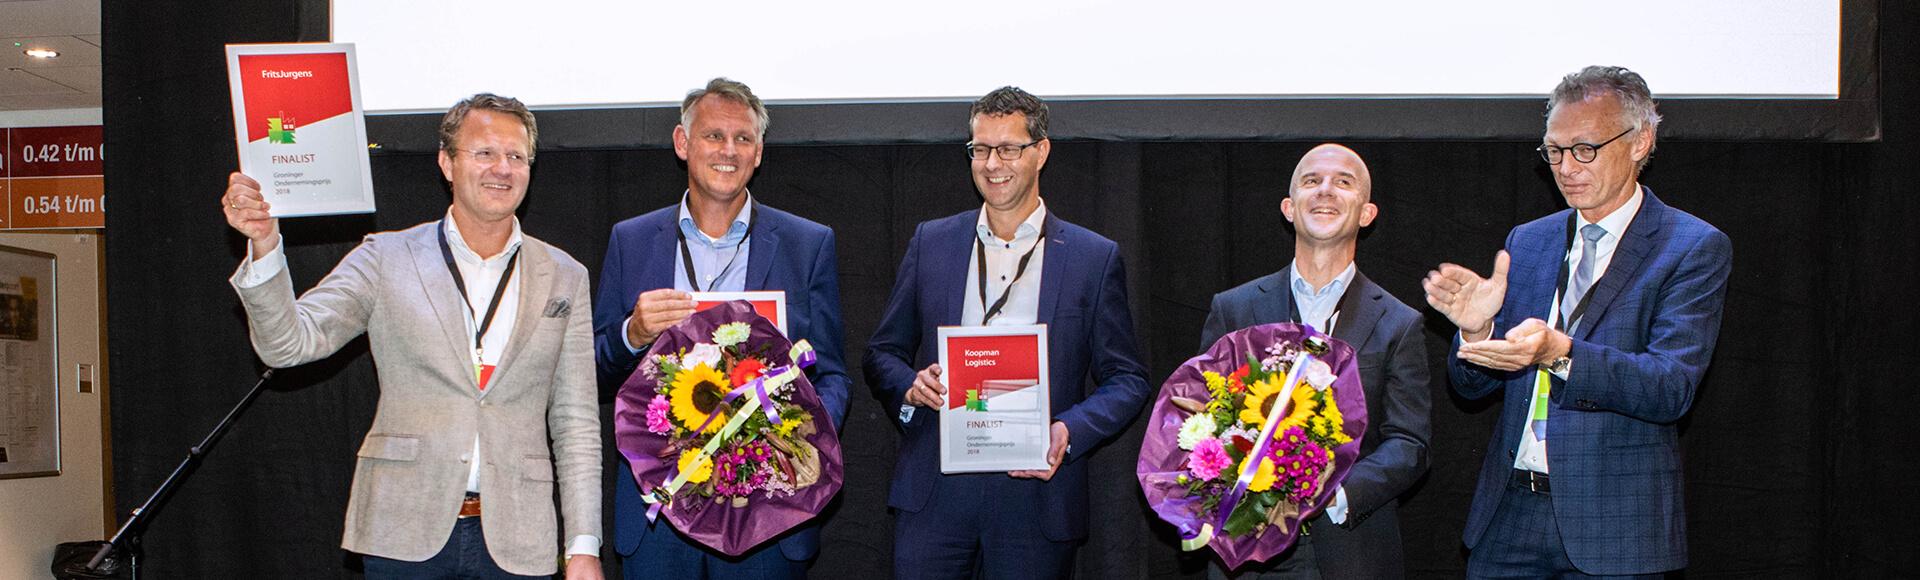 De finalisten van de Groninger Ondernemingsprijs 2018